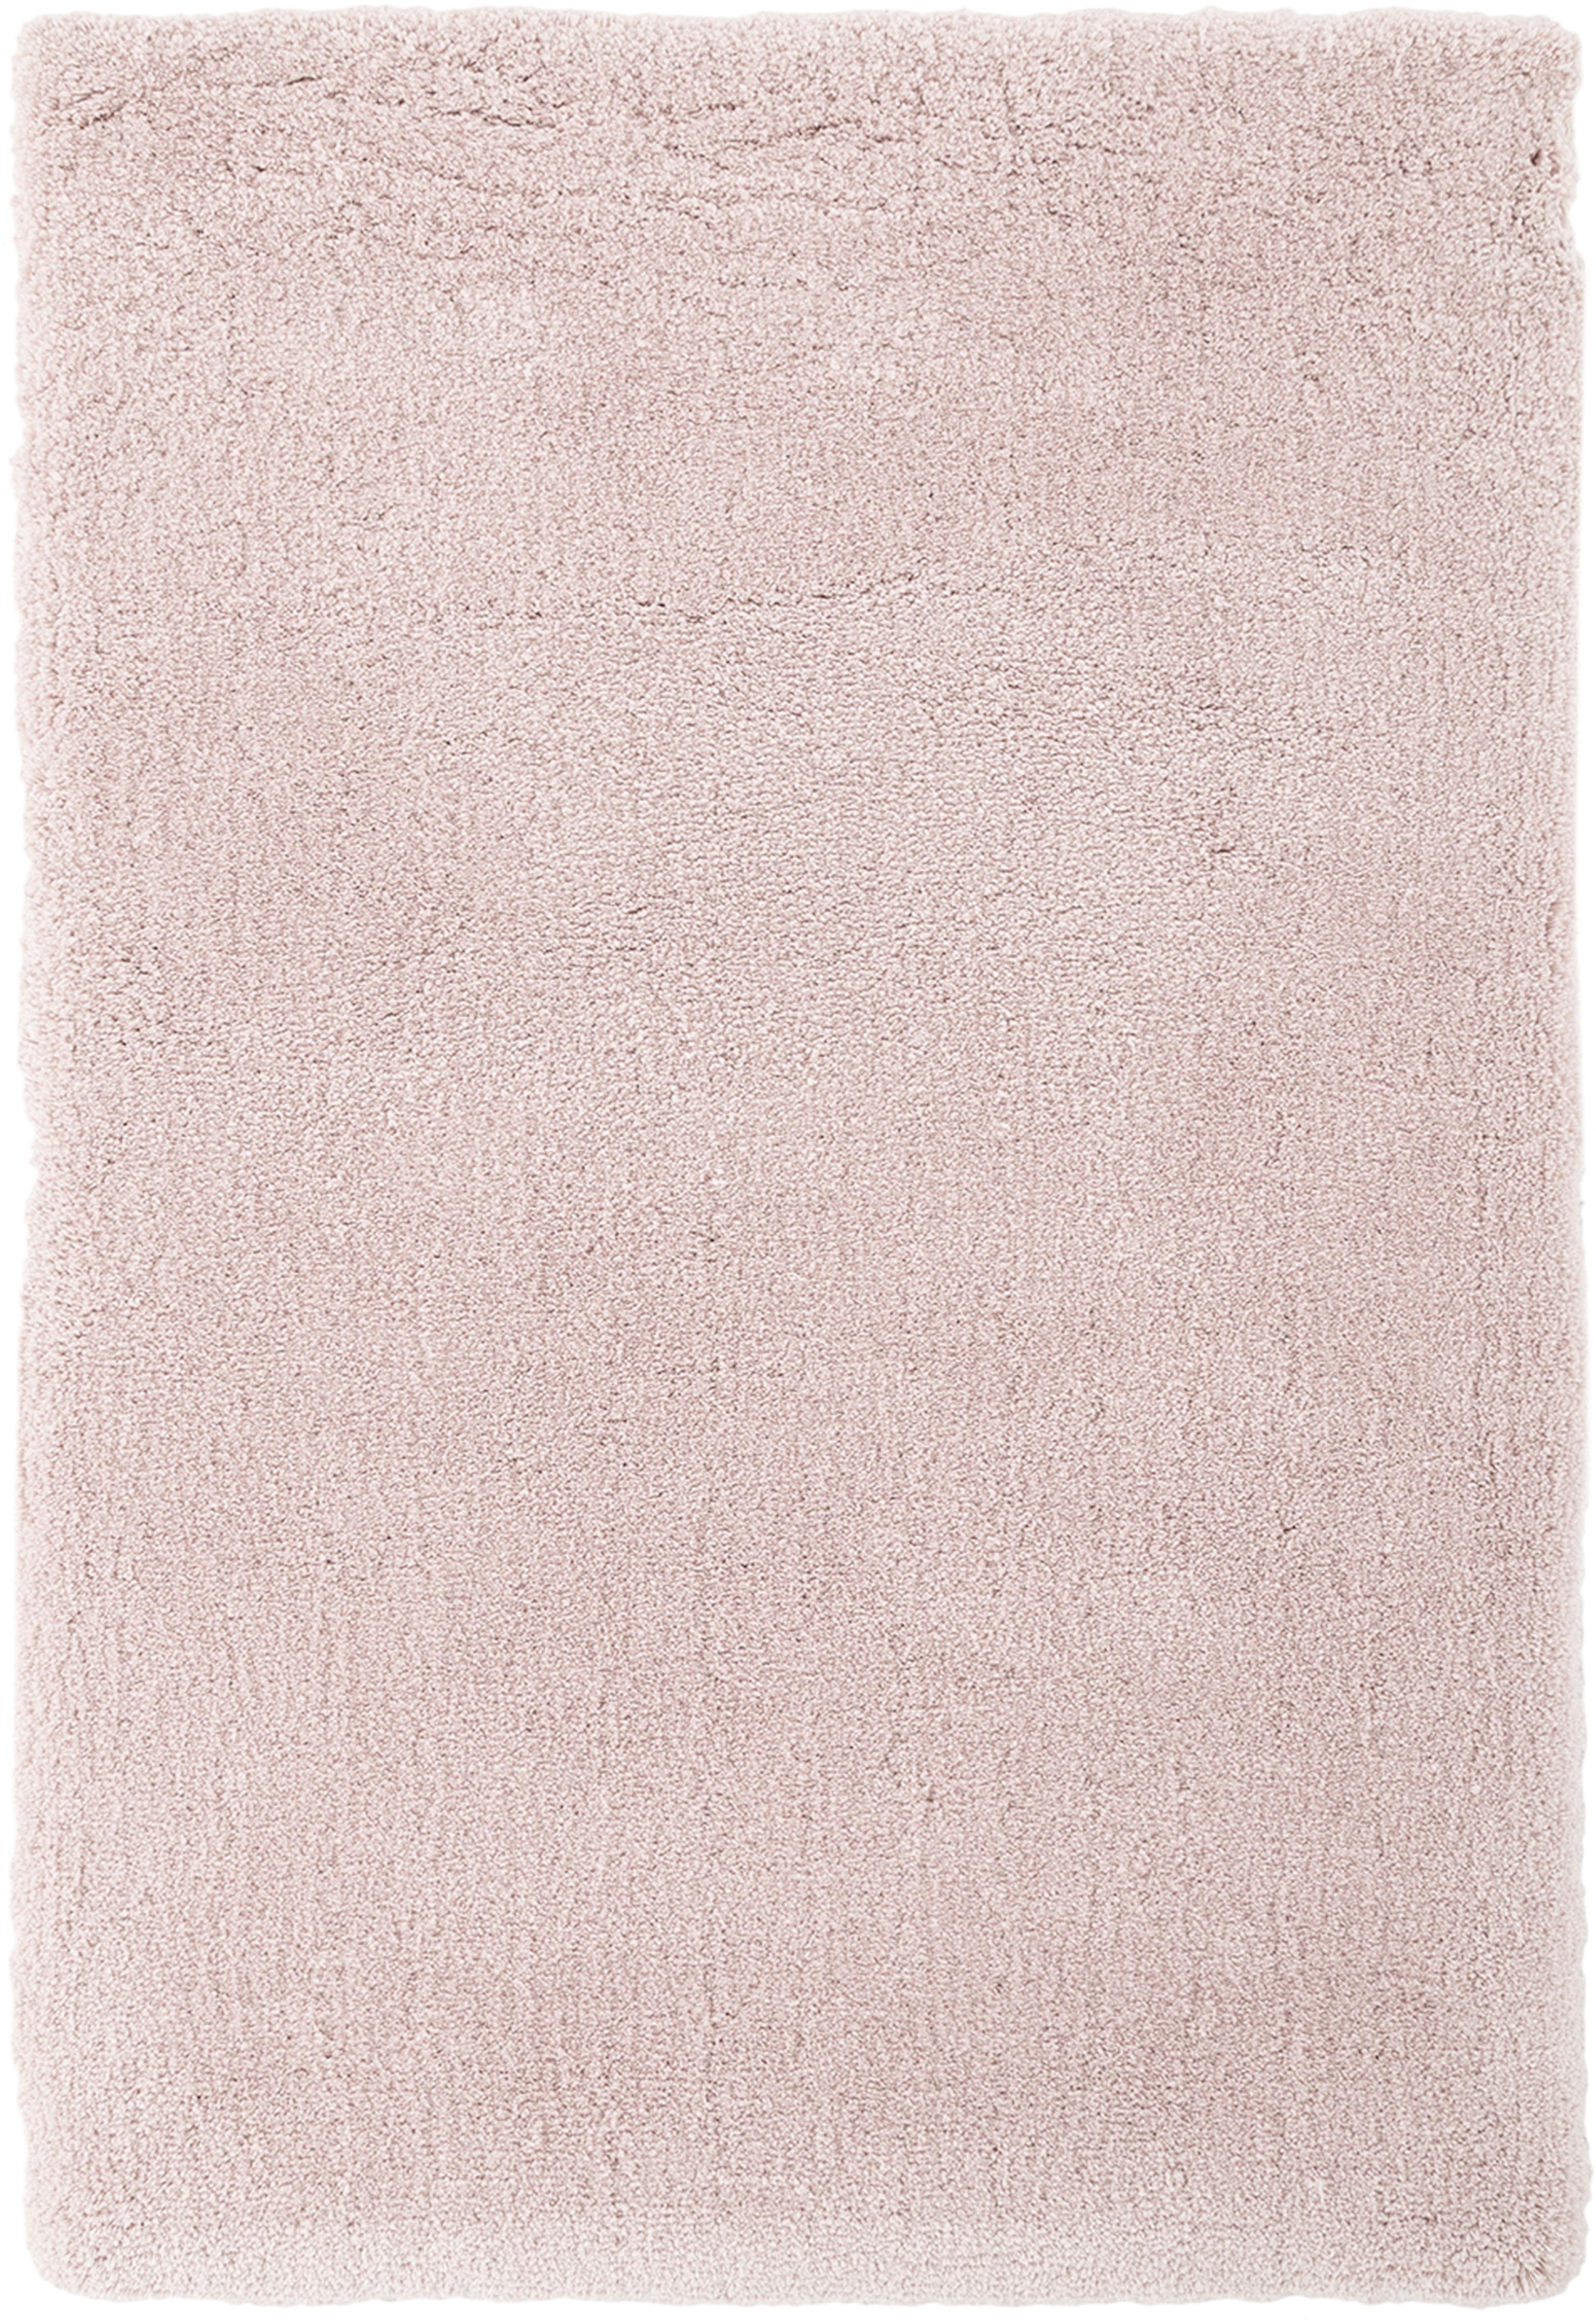 Tappeto peloso morbido rosa Leighton, Retro: 70% poliestere, 30% coton, Rosa, Larg. 200 x Lung. 300 cm (taglia L)